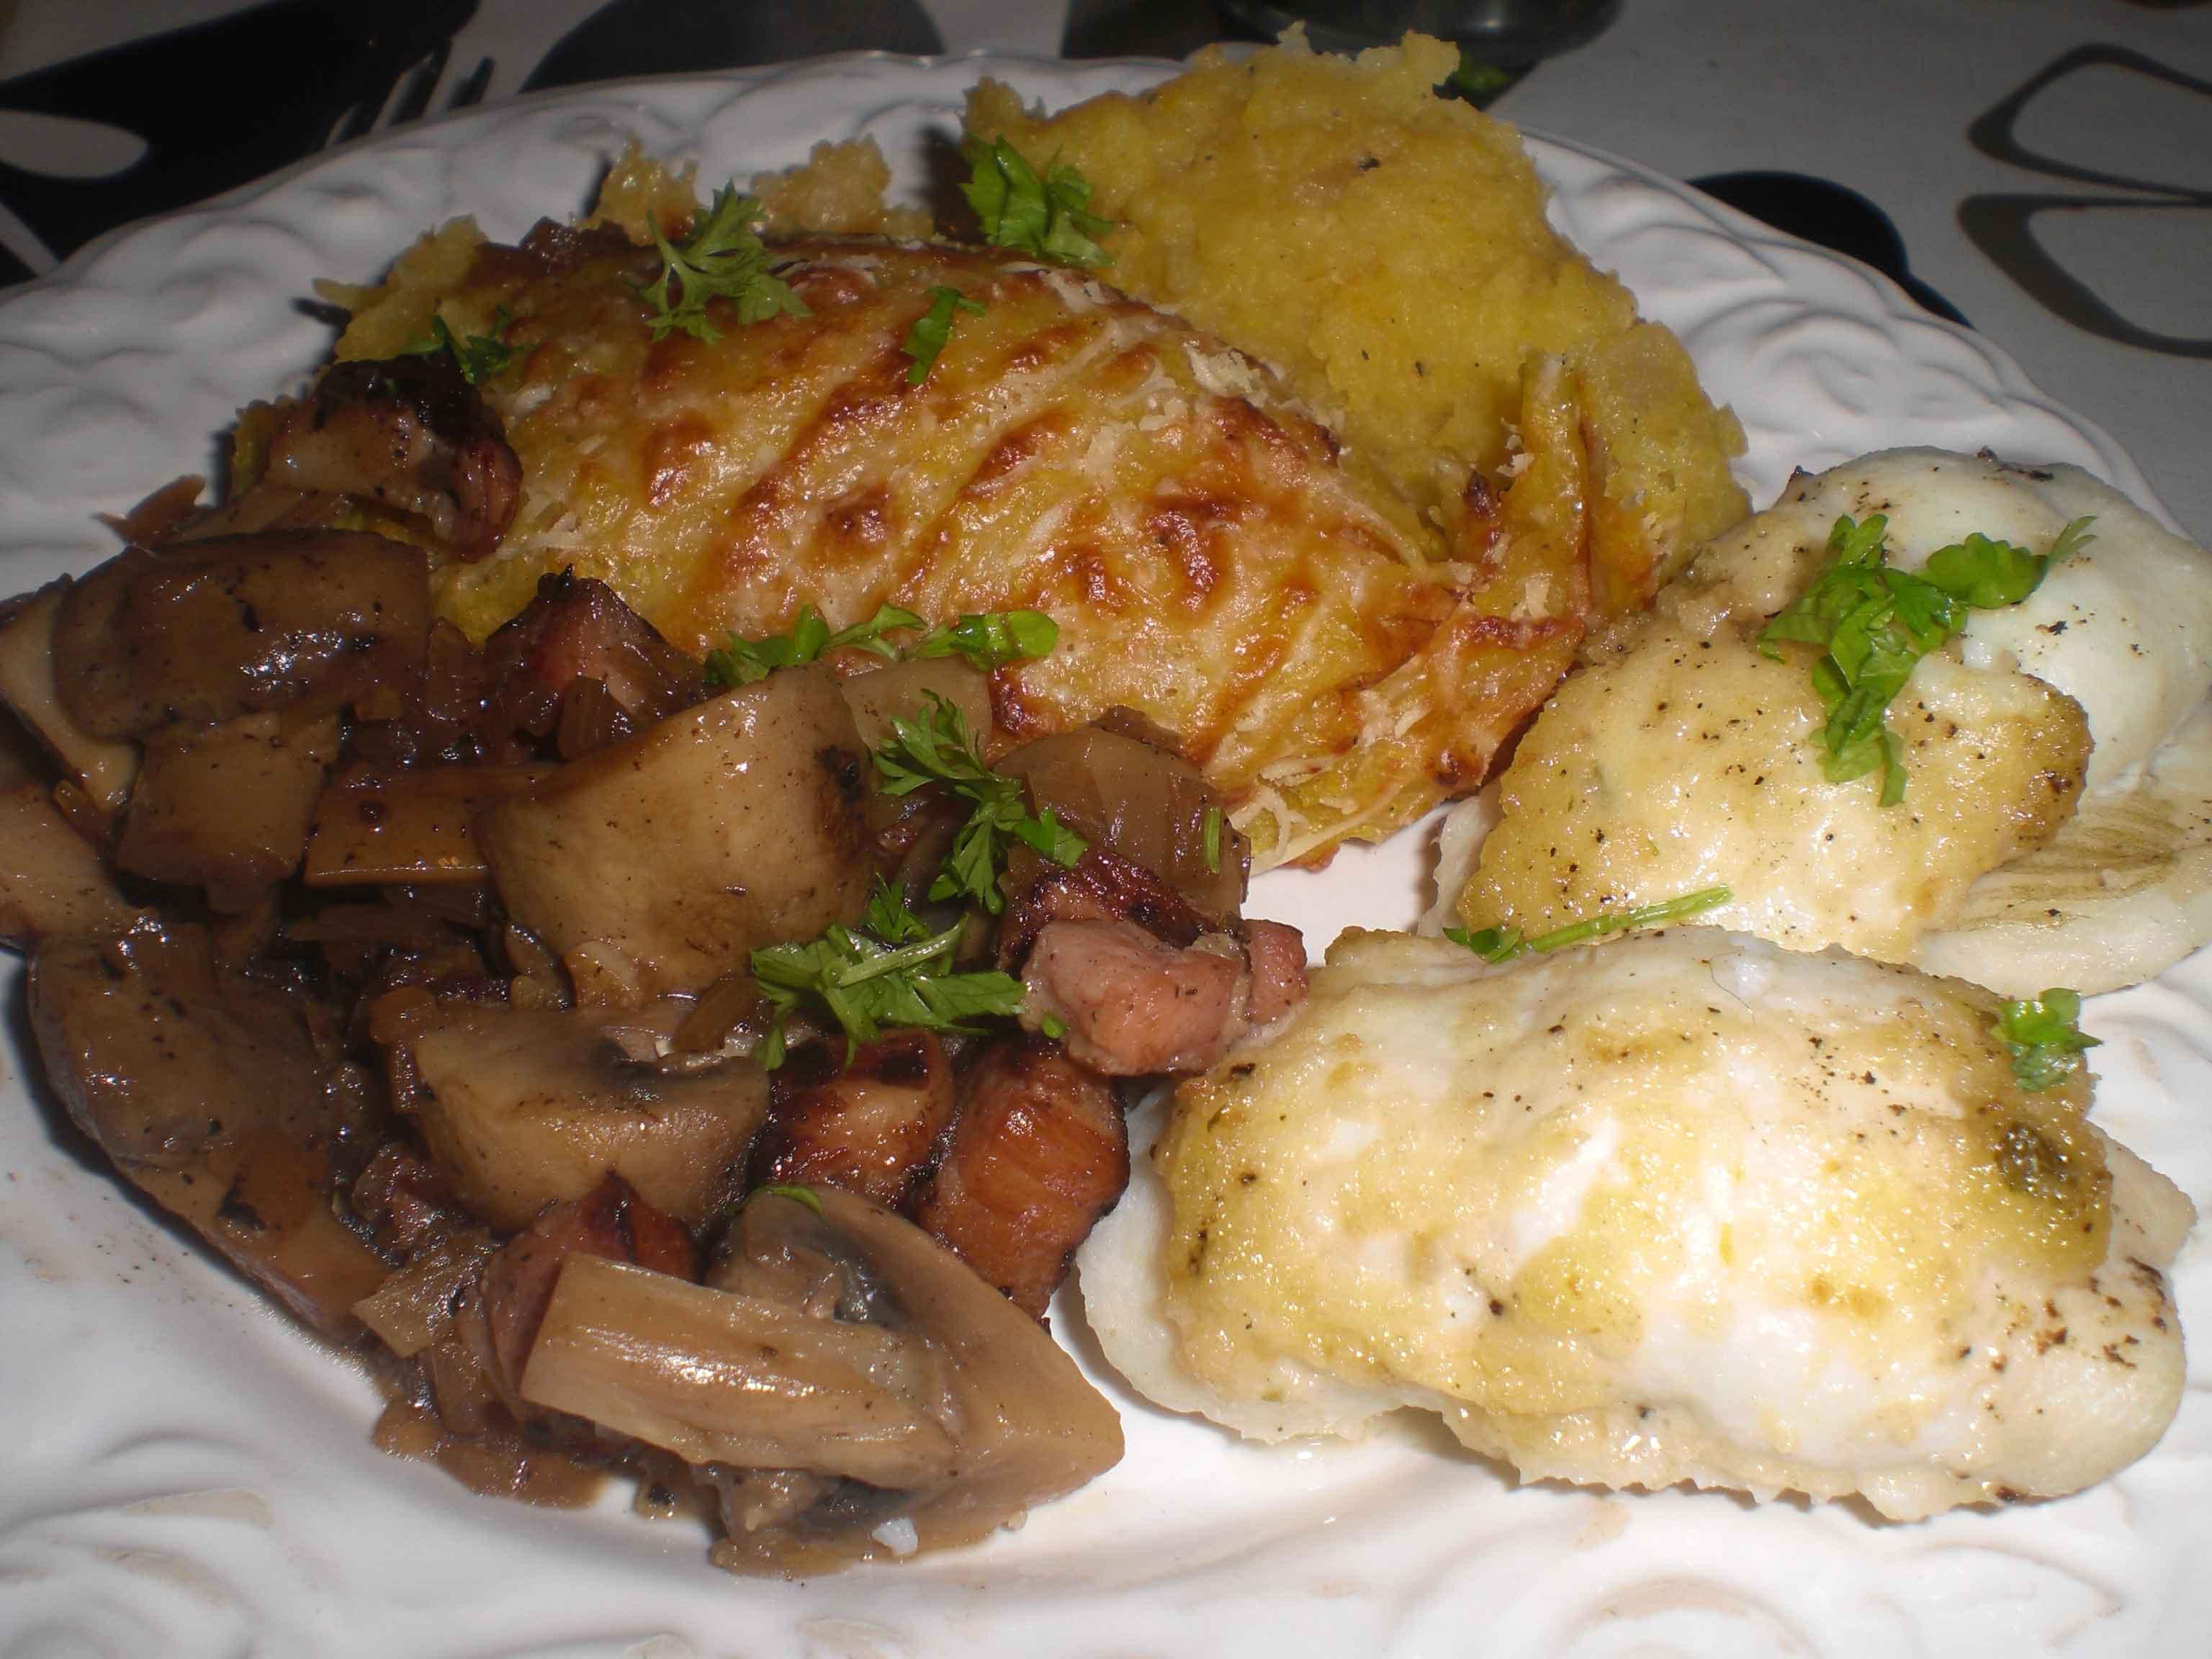 Bagt Kartoffelmos Med Æg bagt kartoffelmos – lækkert tilbehør til eksempelvis mørbradgryde